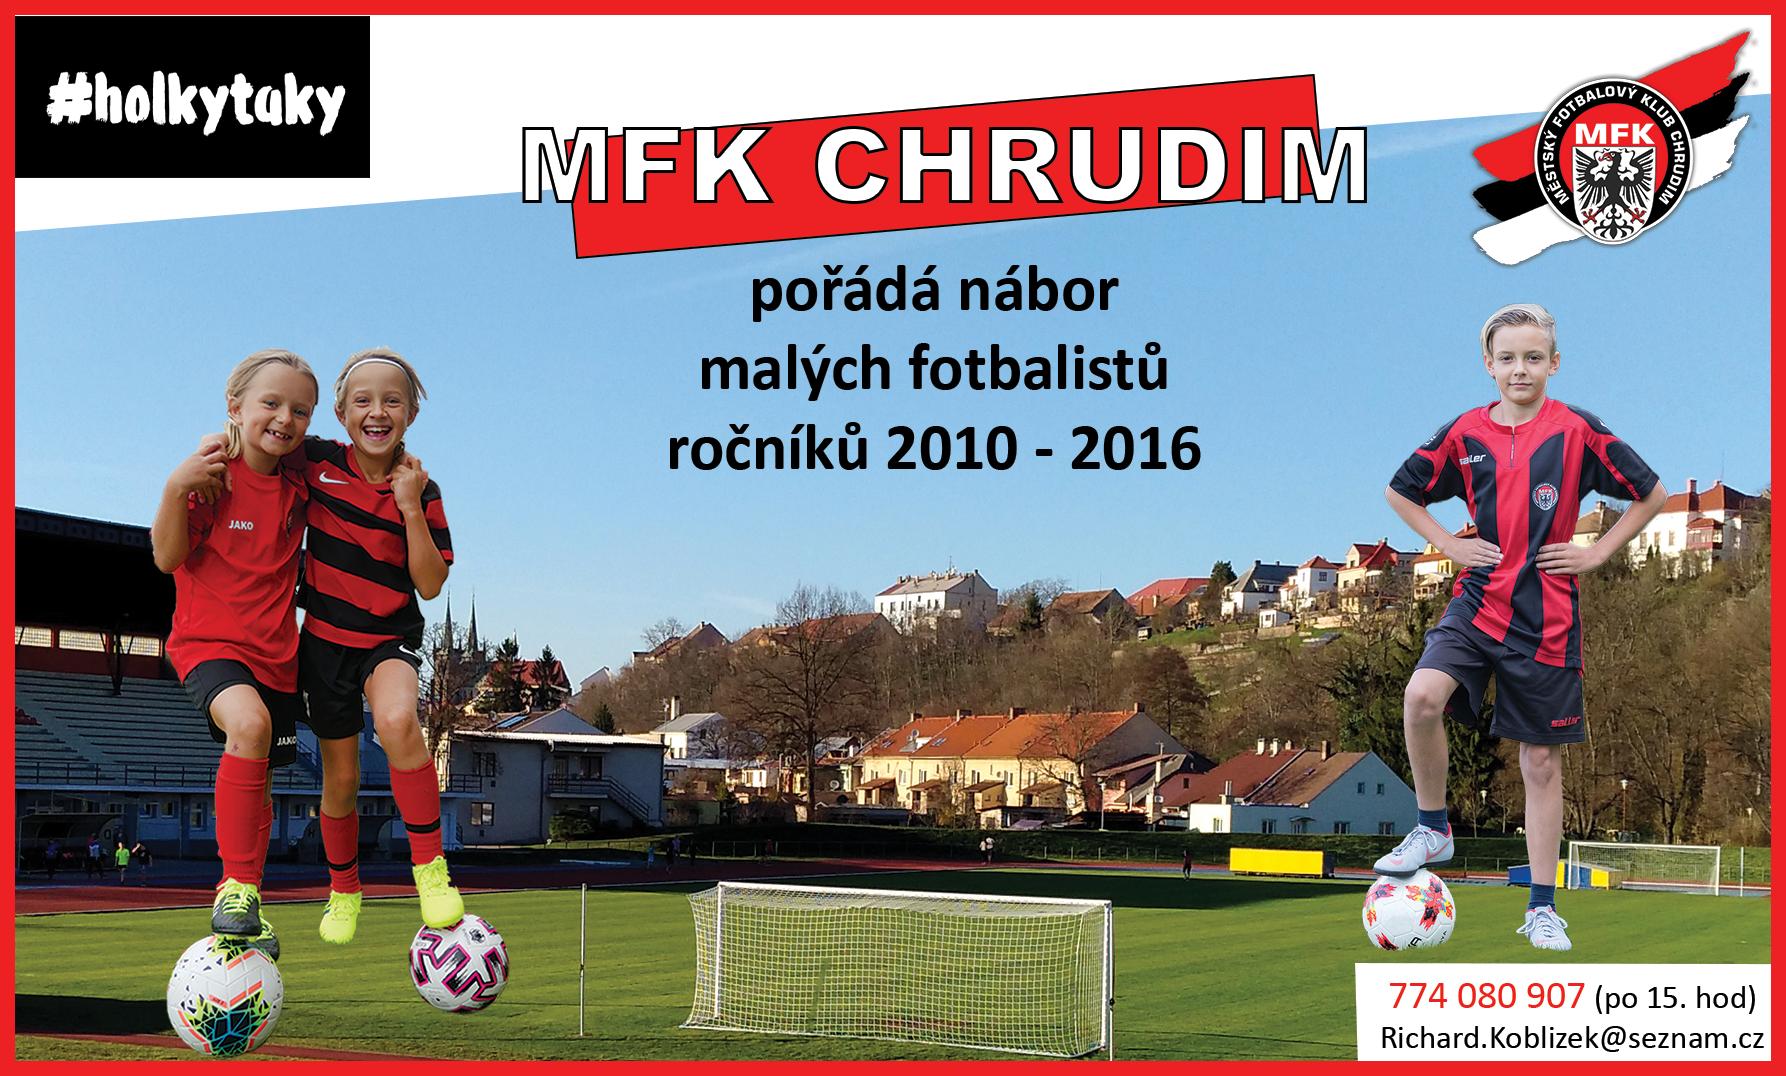 MFK Chrudim pořádá nábor malých fotbalistů